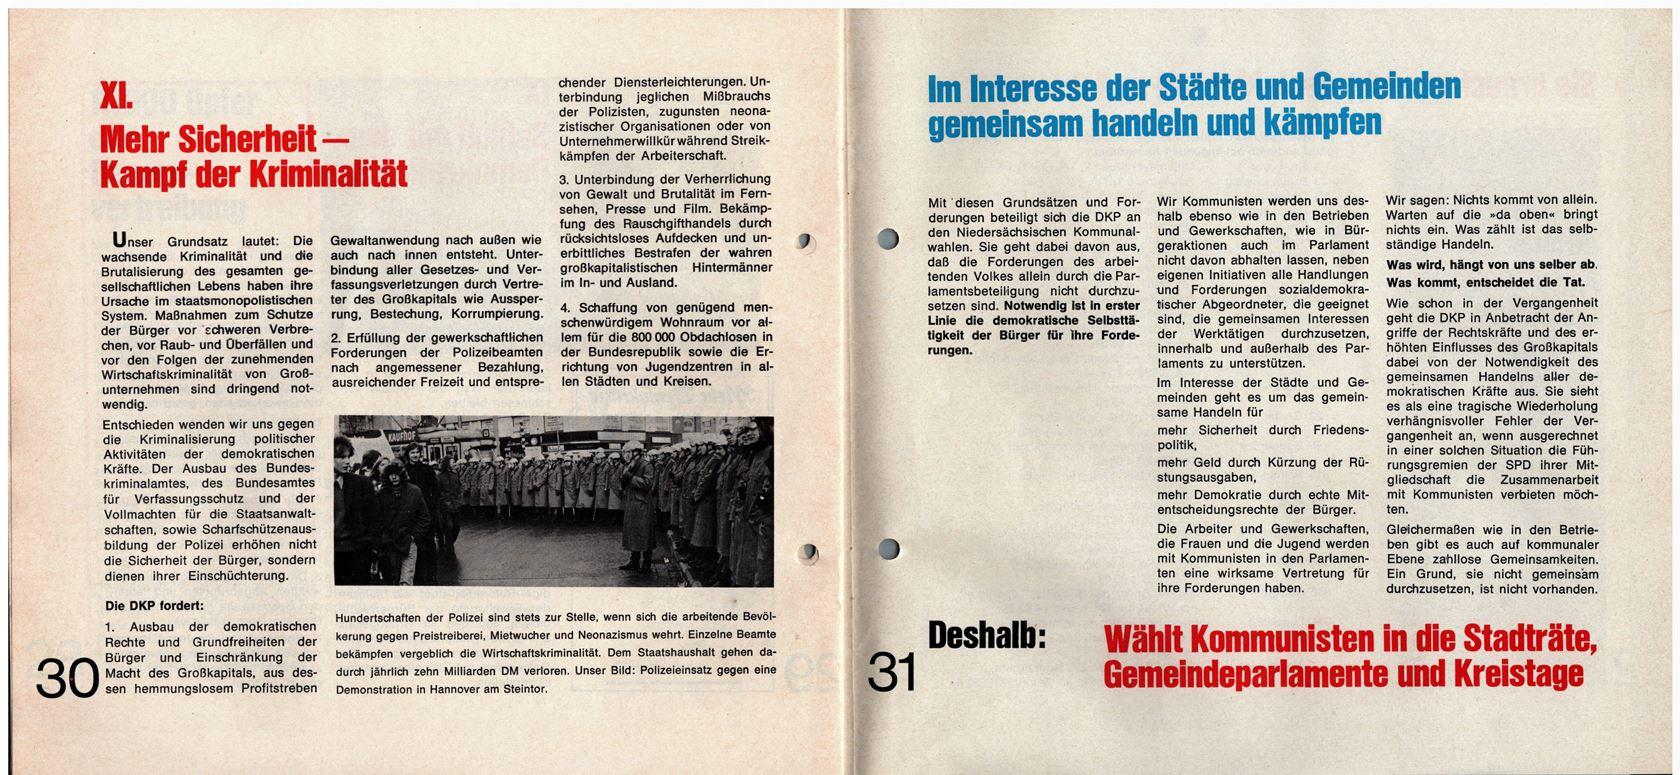 Niedersachsen_DKP053